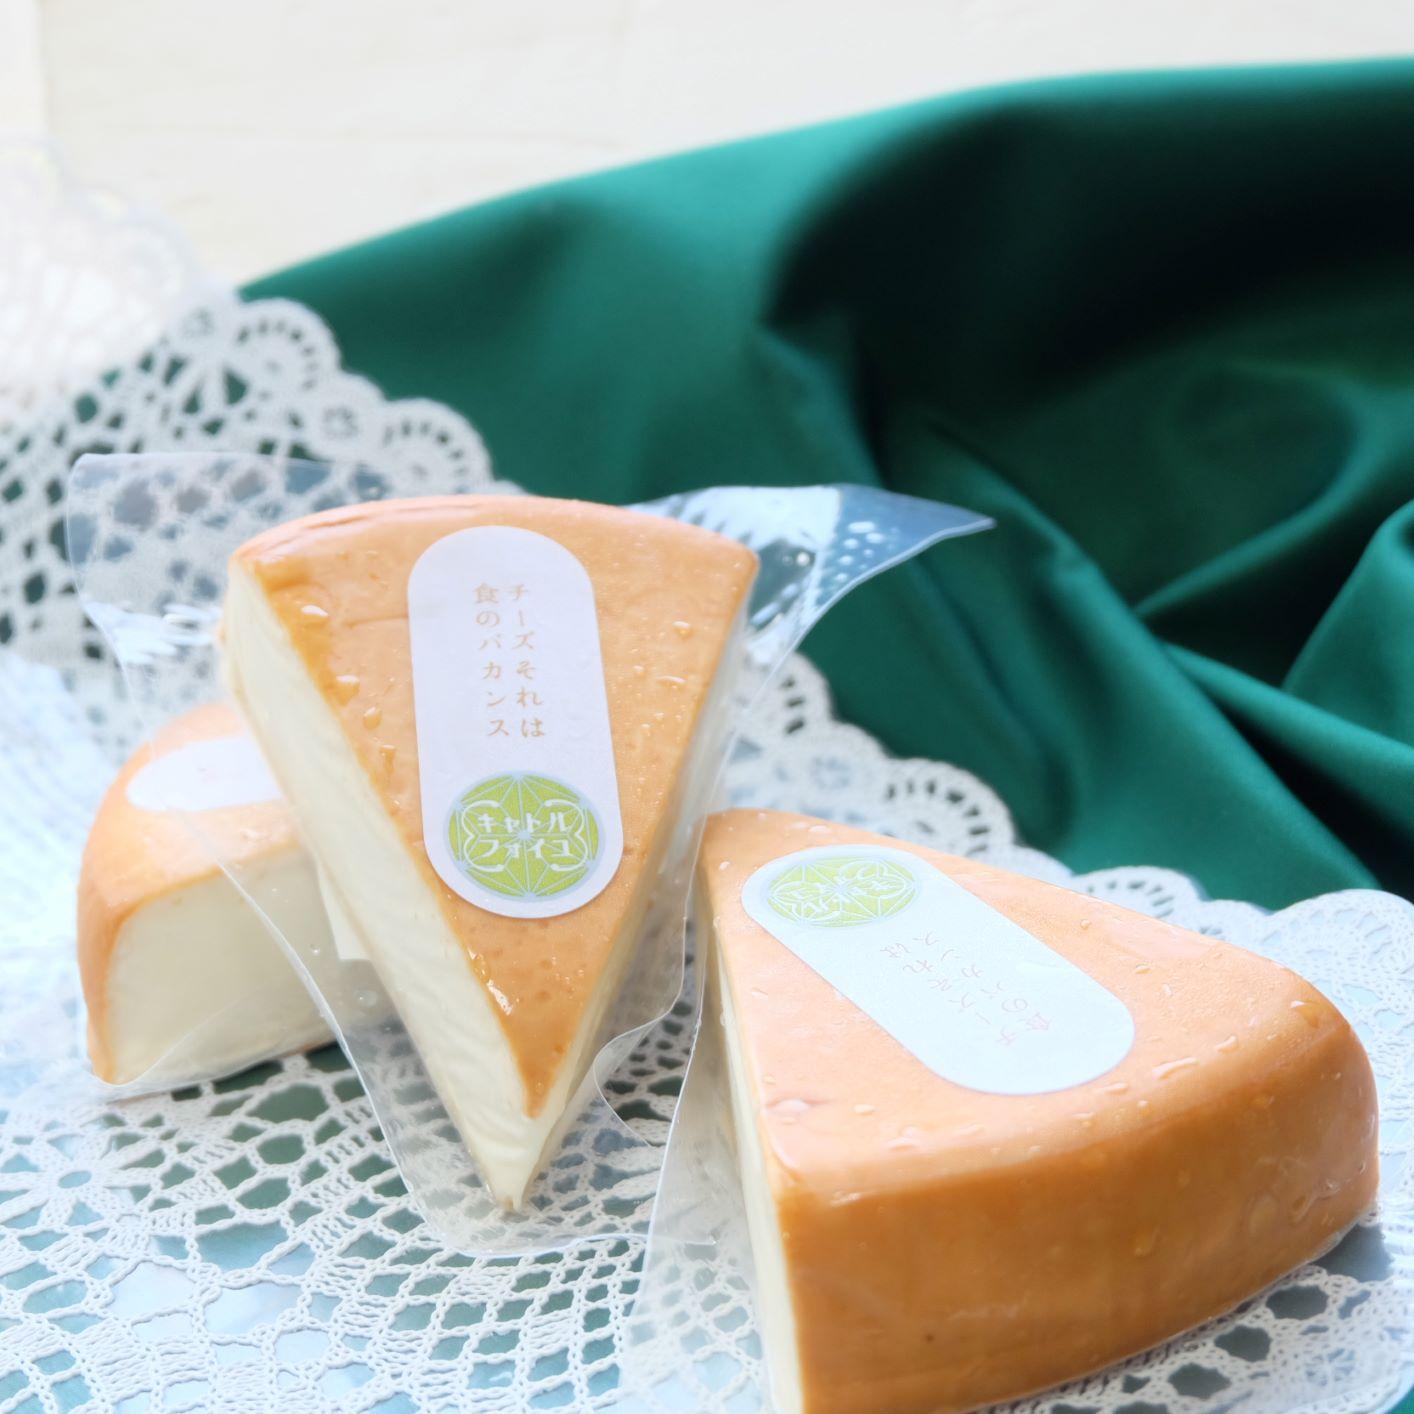 フォレストスモーク フランス産 やわらかいスモーク スモークチーズ